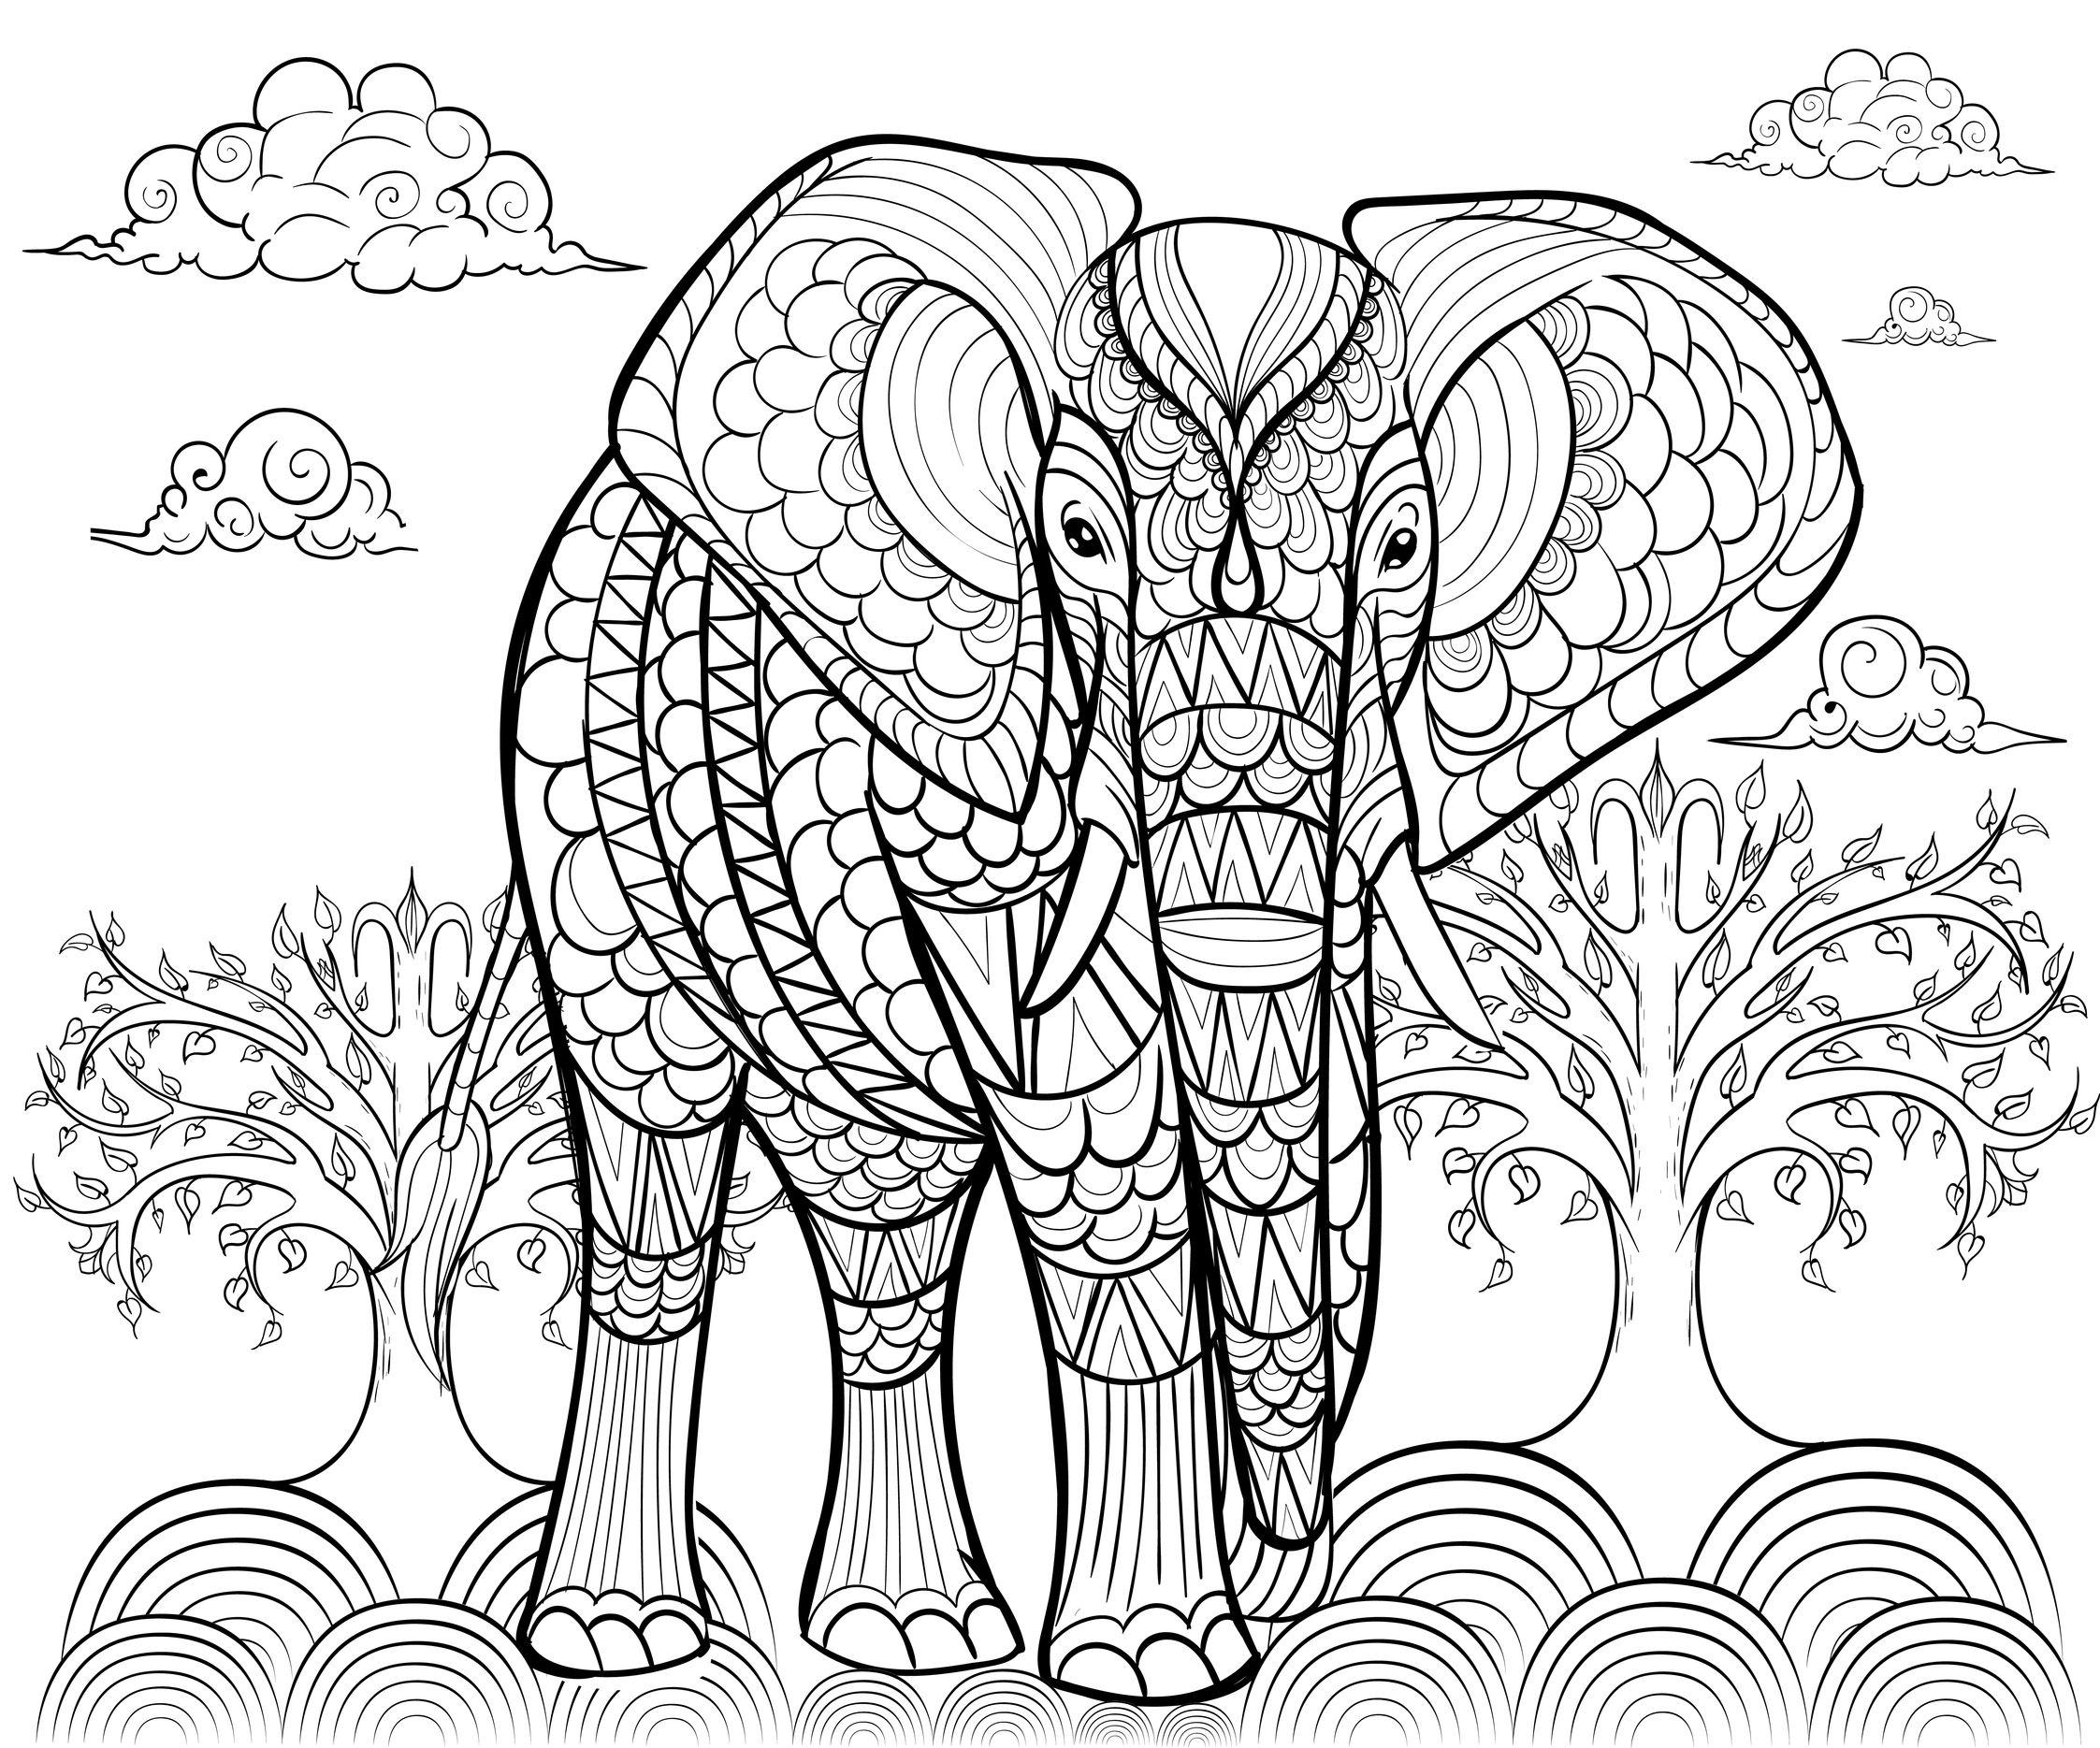 Disegni da colorare per adulti : Elefanti - 7